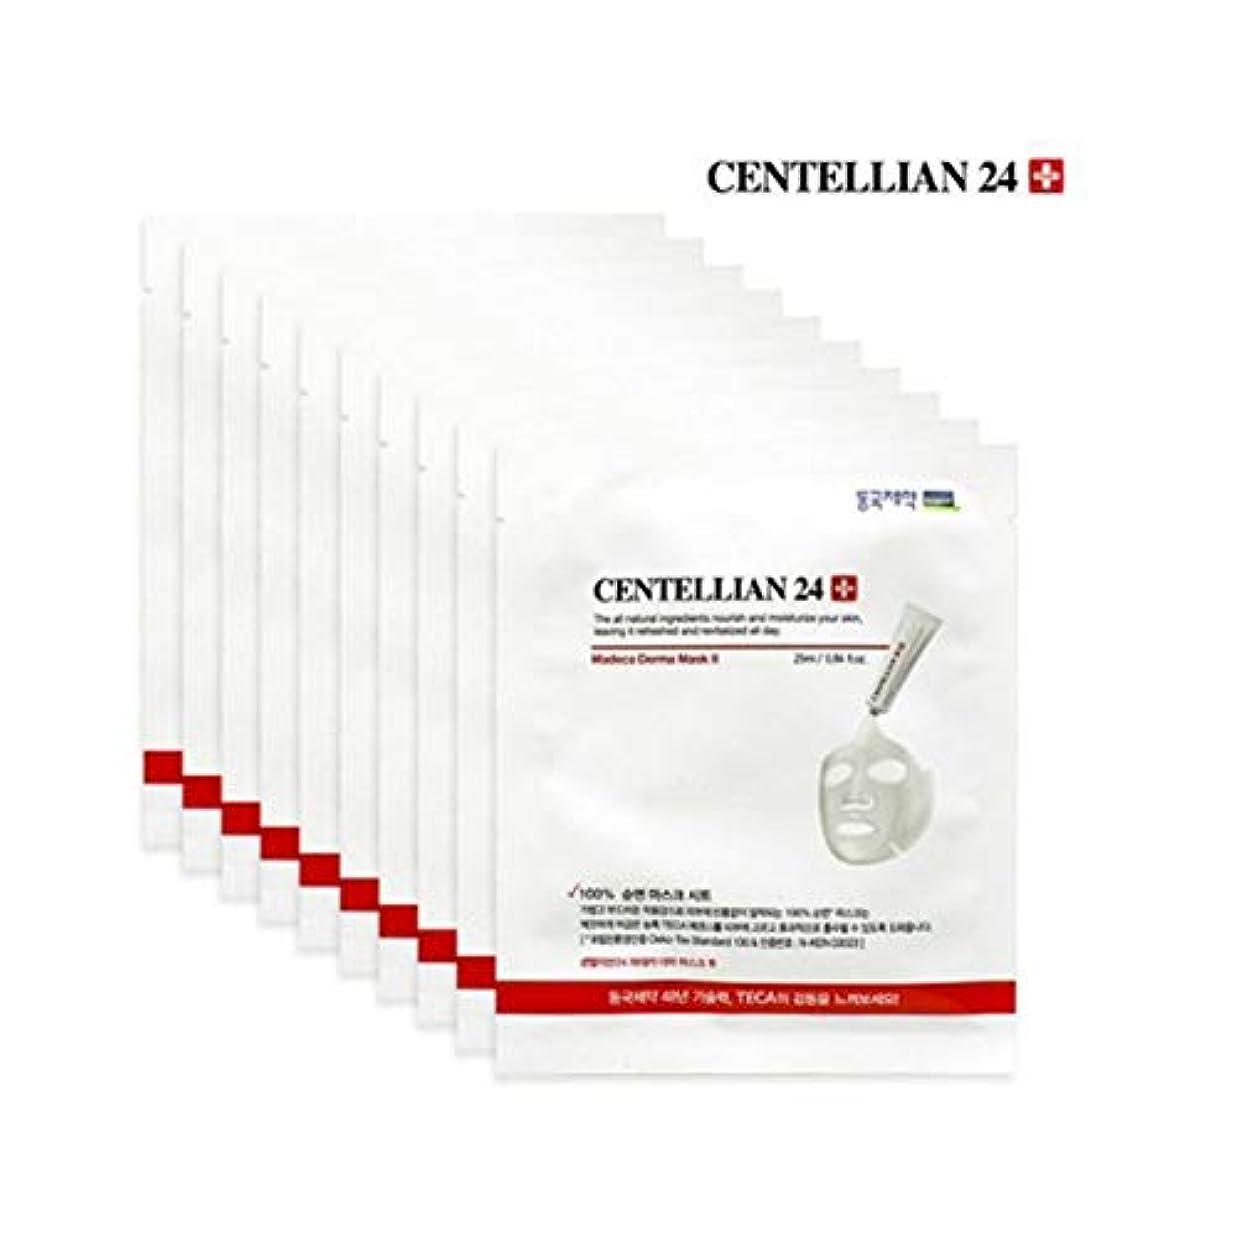 フェード安定暫定のセンテルリアン24マデカードママスクパック10枚肌の保湿、Centellian24 Madeca Derma Mask Pack 10 Sheets Skin Moisturizing [並行輸入品]